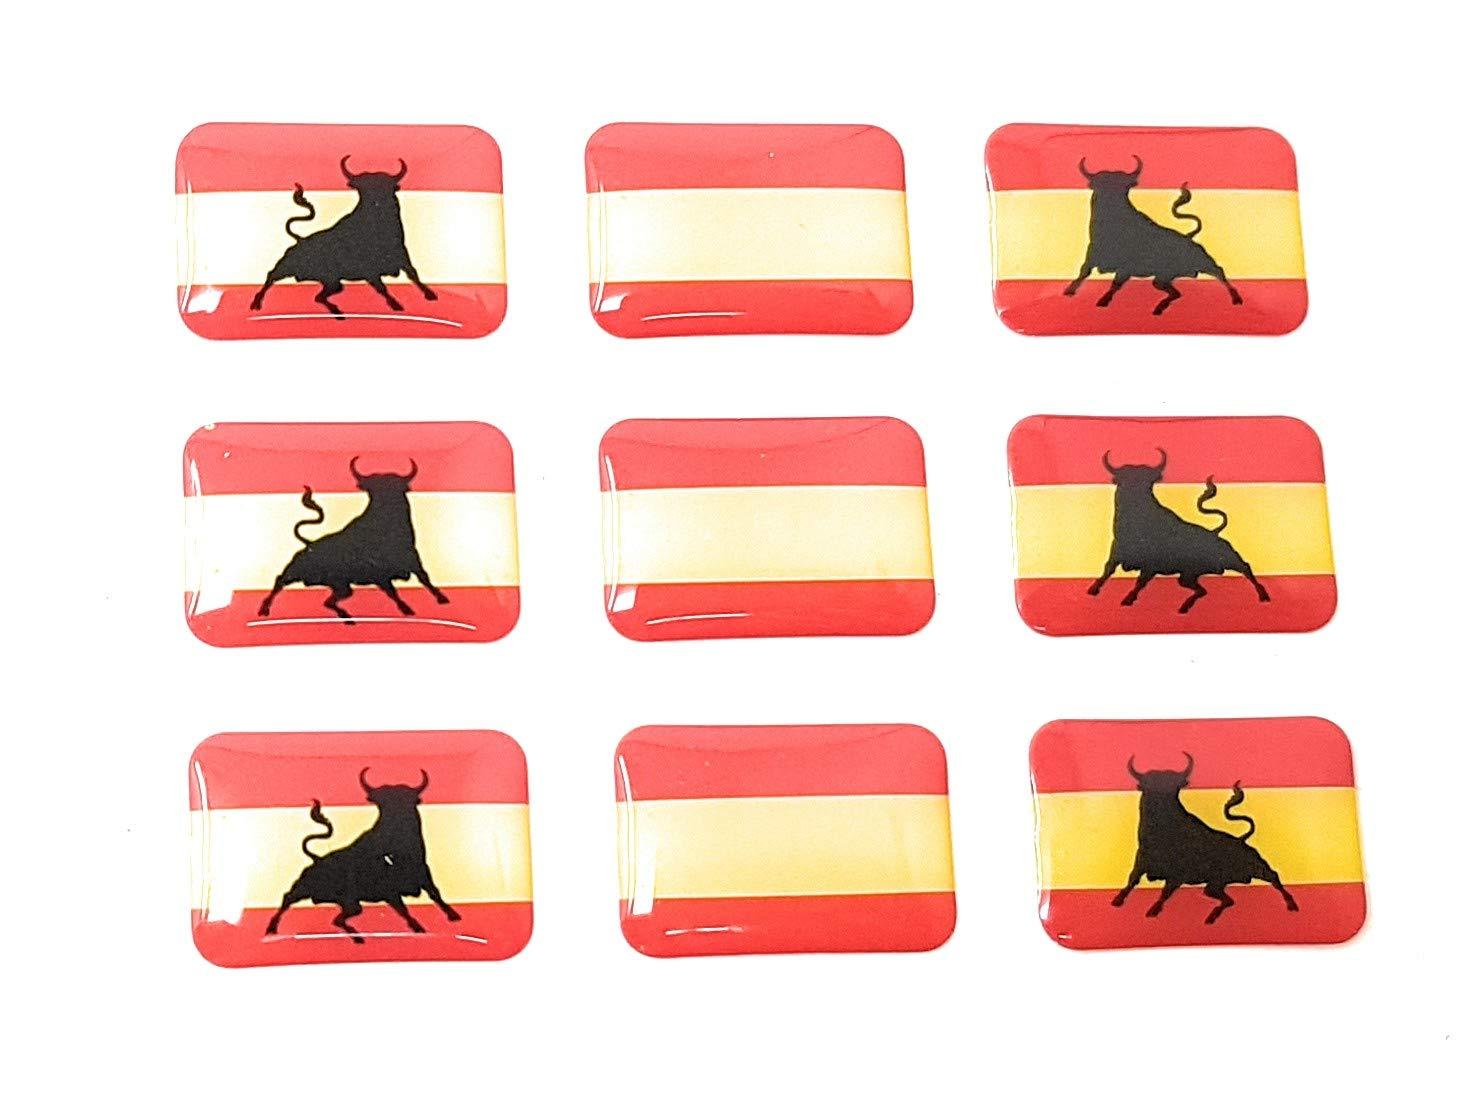 Valmonisport Bandera de España con Toro y Sin Escudo 9 Pegatinas Adhesivo 3D Relieve Resina Vinilo: Amazon.es: Coche y moto